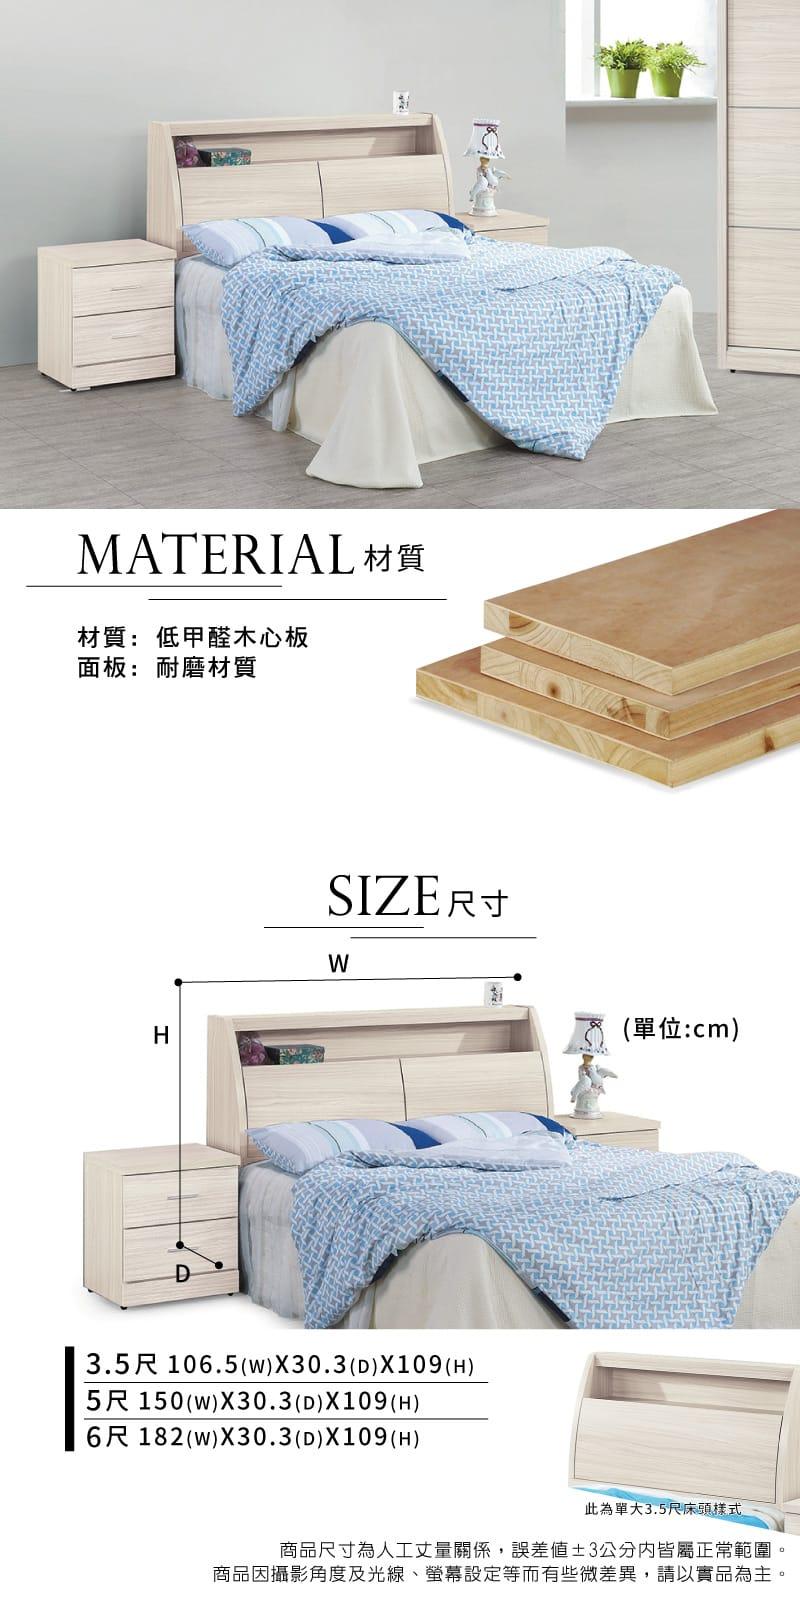 白梣木收納床頭箱 單人加大3.5尺